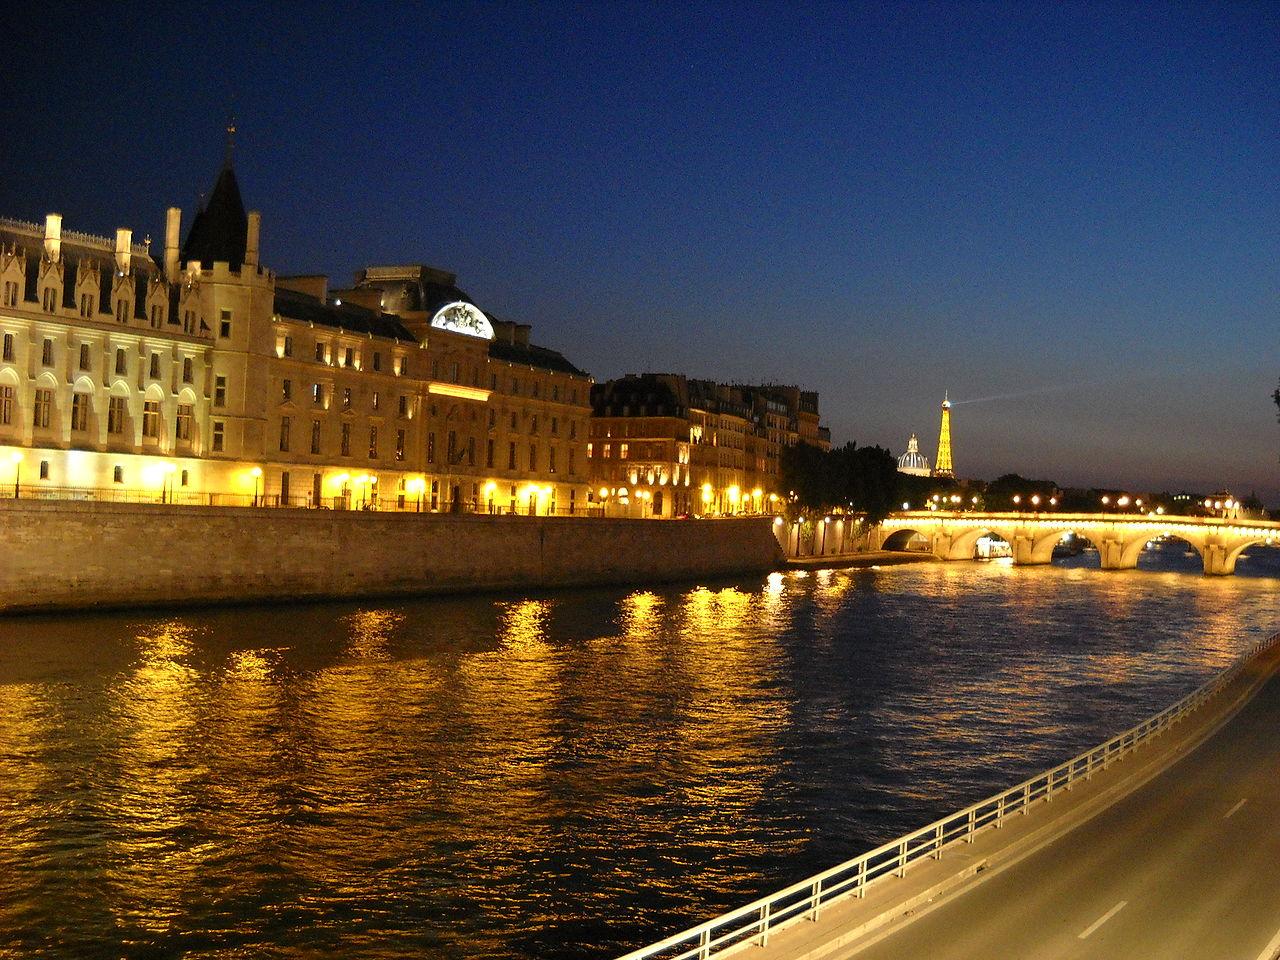 แม่น้ำแซน-ยามค่ำคืน